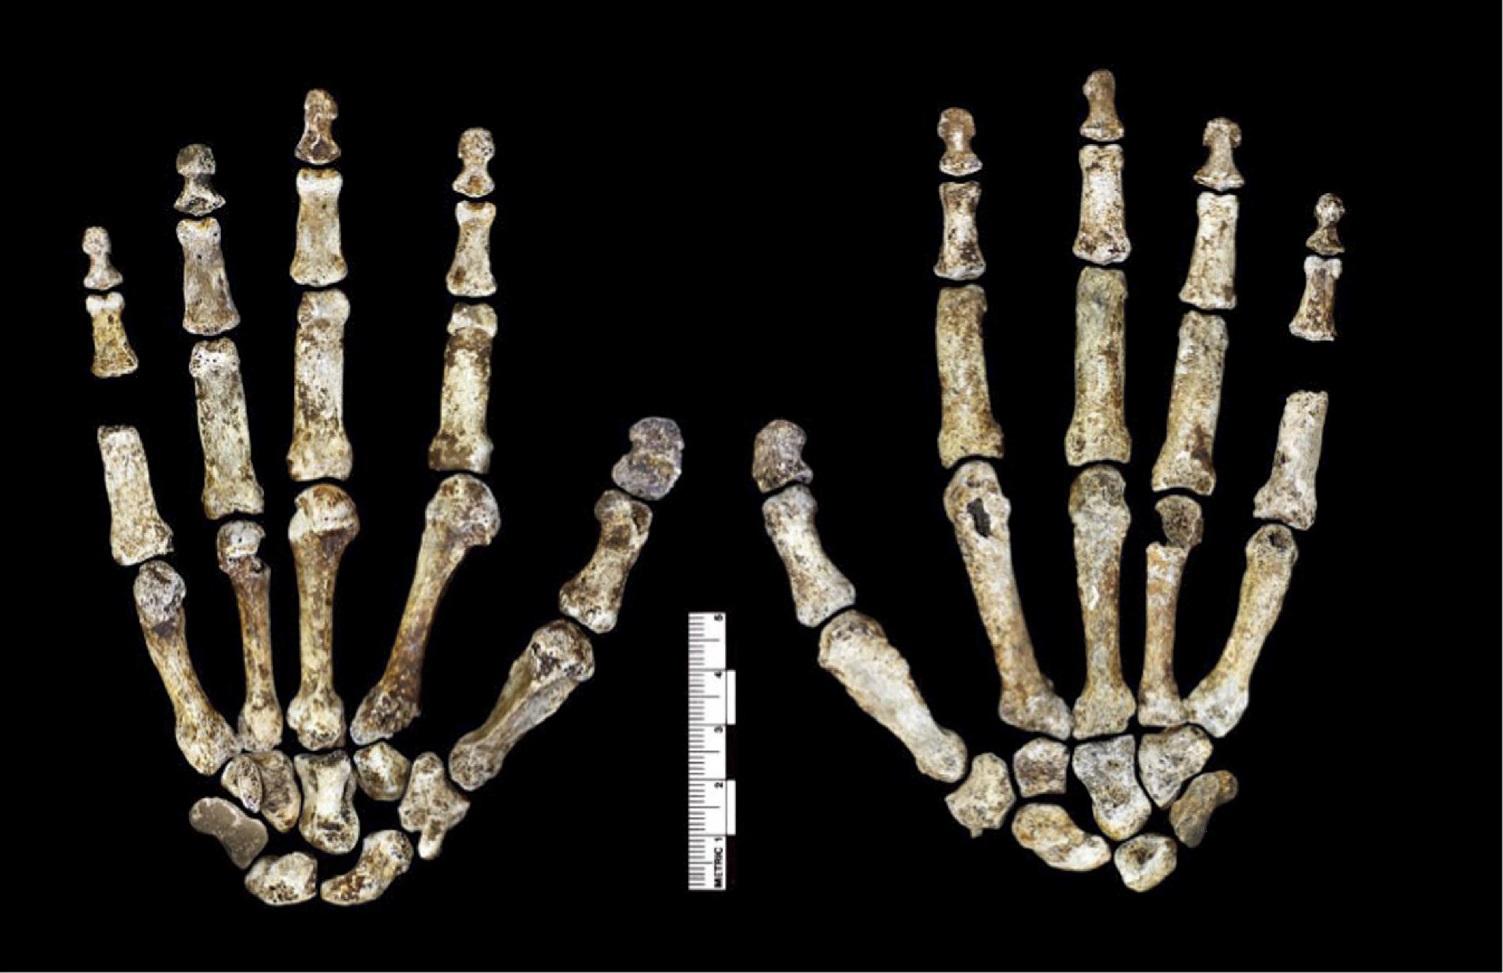 Nález zachovalé kostry ruky Homo naledi (podle Berger et al., DOI: 10.7554/eLife.09560.008)